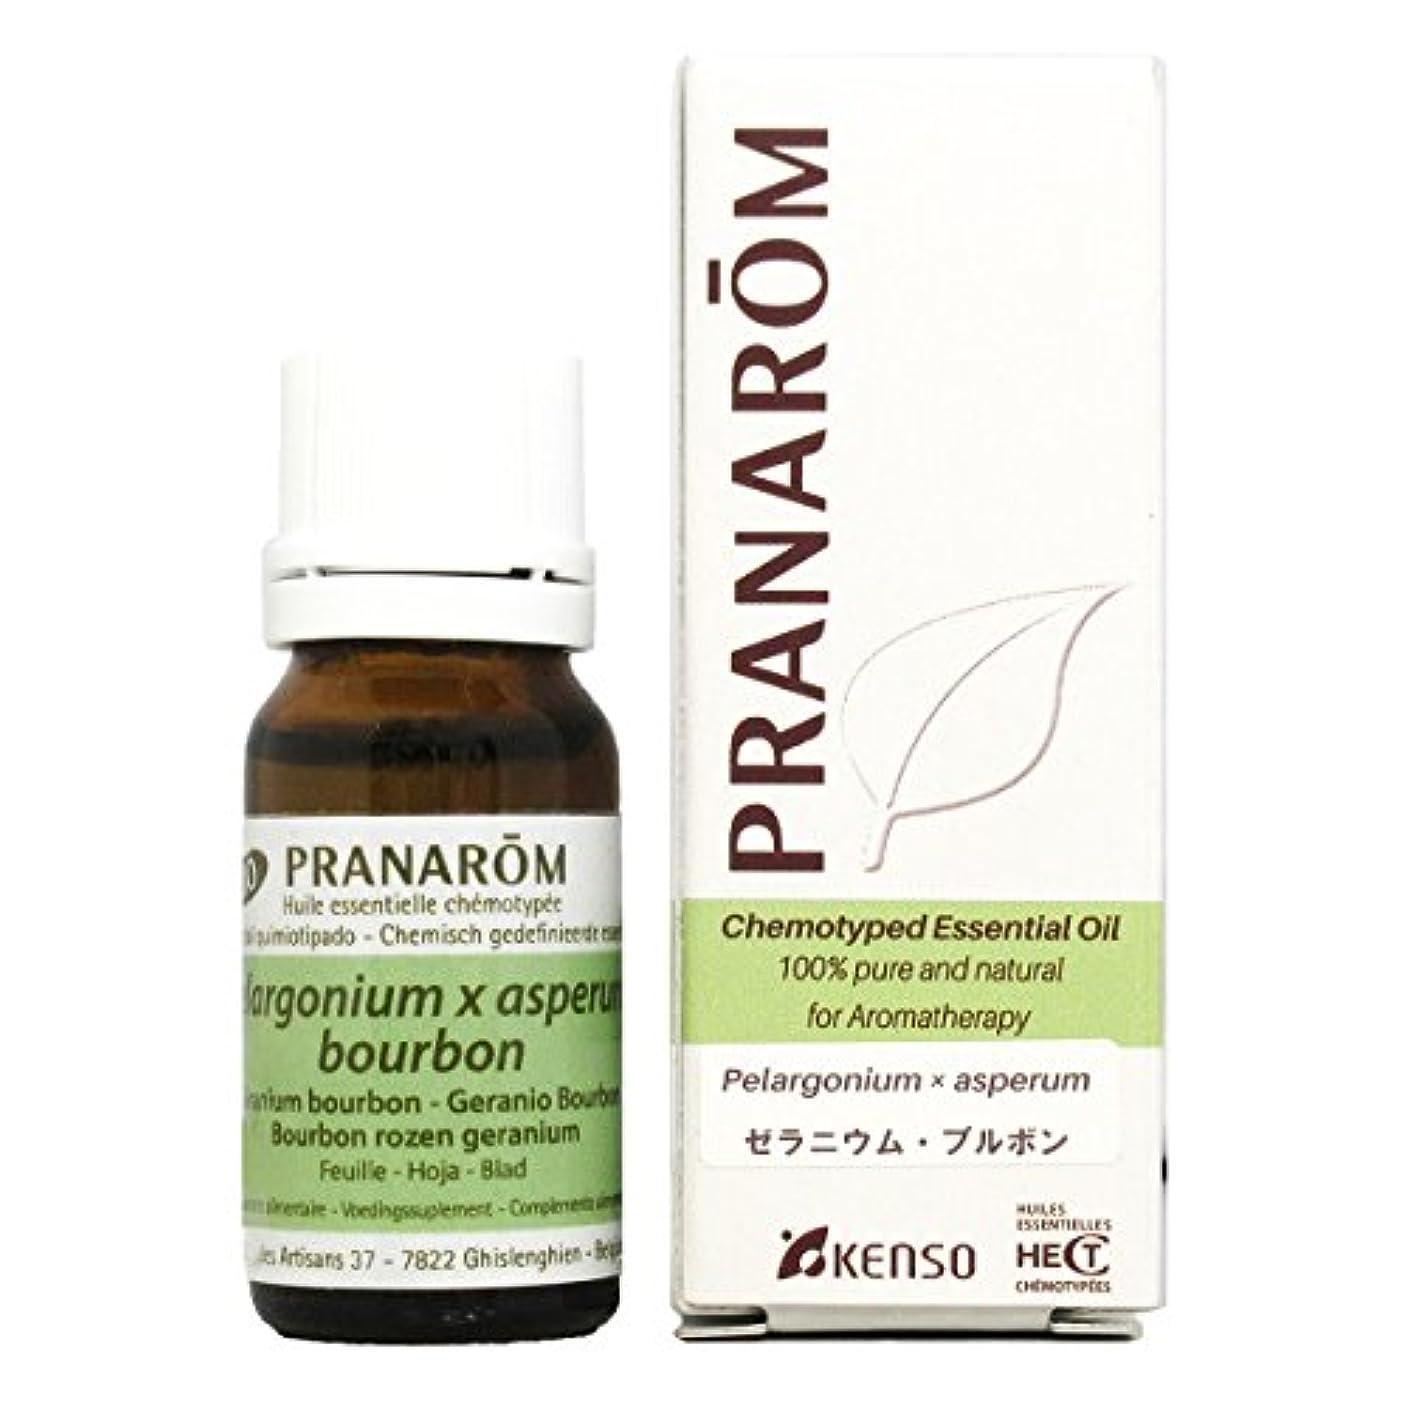 【ゼラニウム?ブルボン 10ml】→ゼラニウムの中では、フルーティなイメージが強く、やさしい香り?(リラックスハーブ系)[PRANAROM(プラナロム)精油/アロマオイル/エッセンシャルオイル]P-139